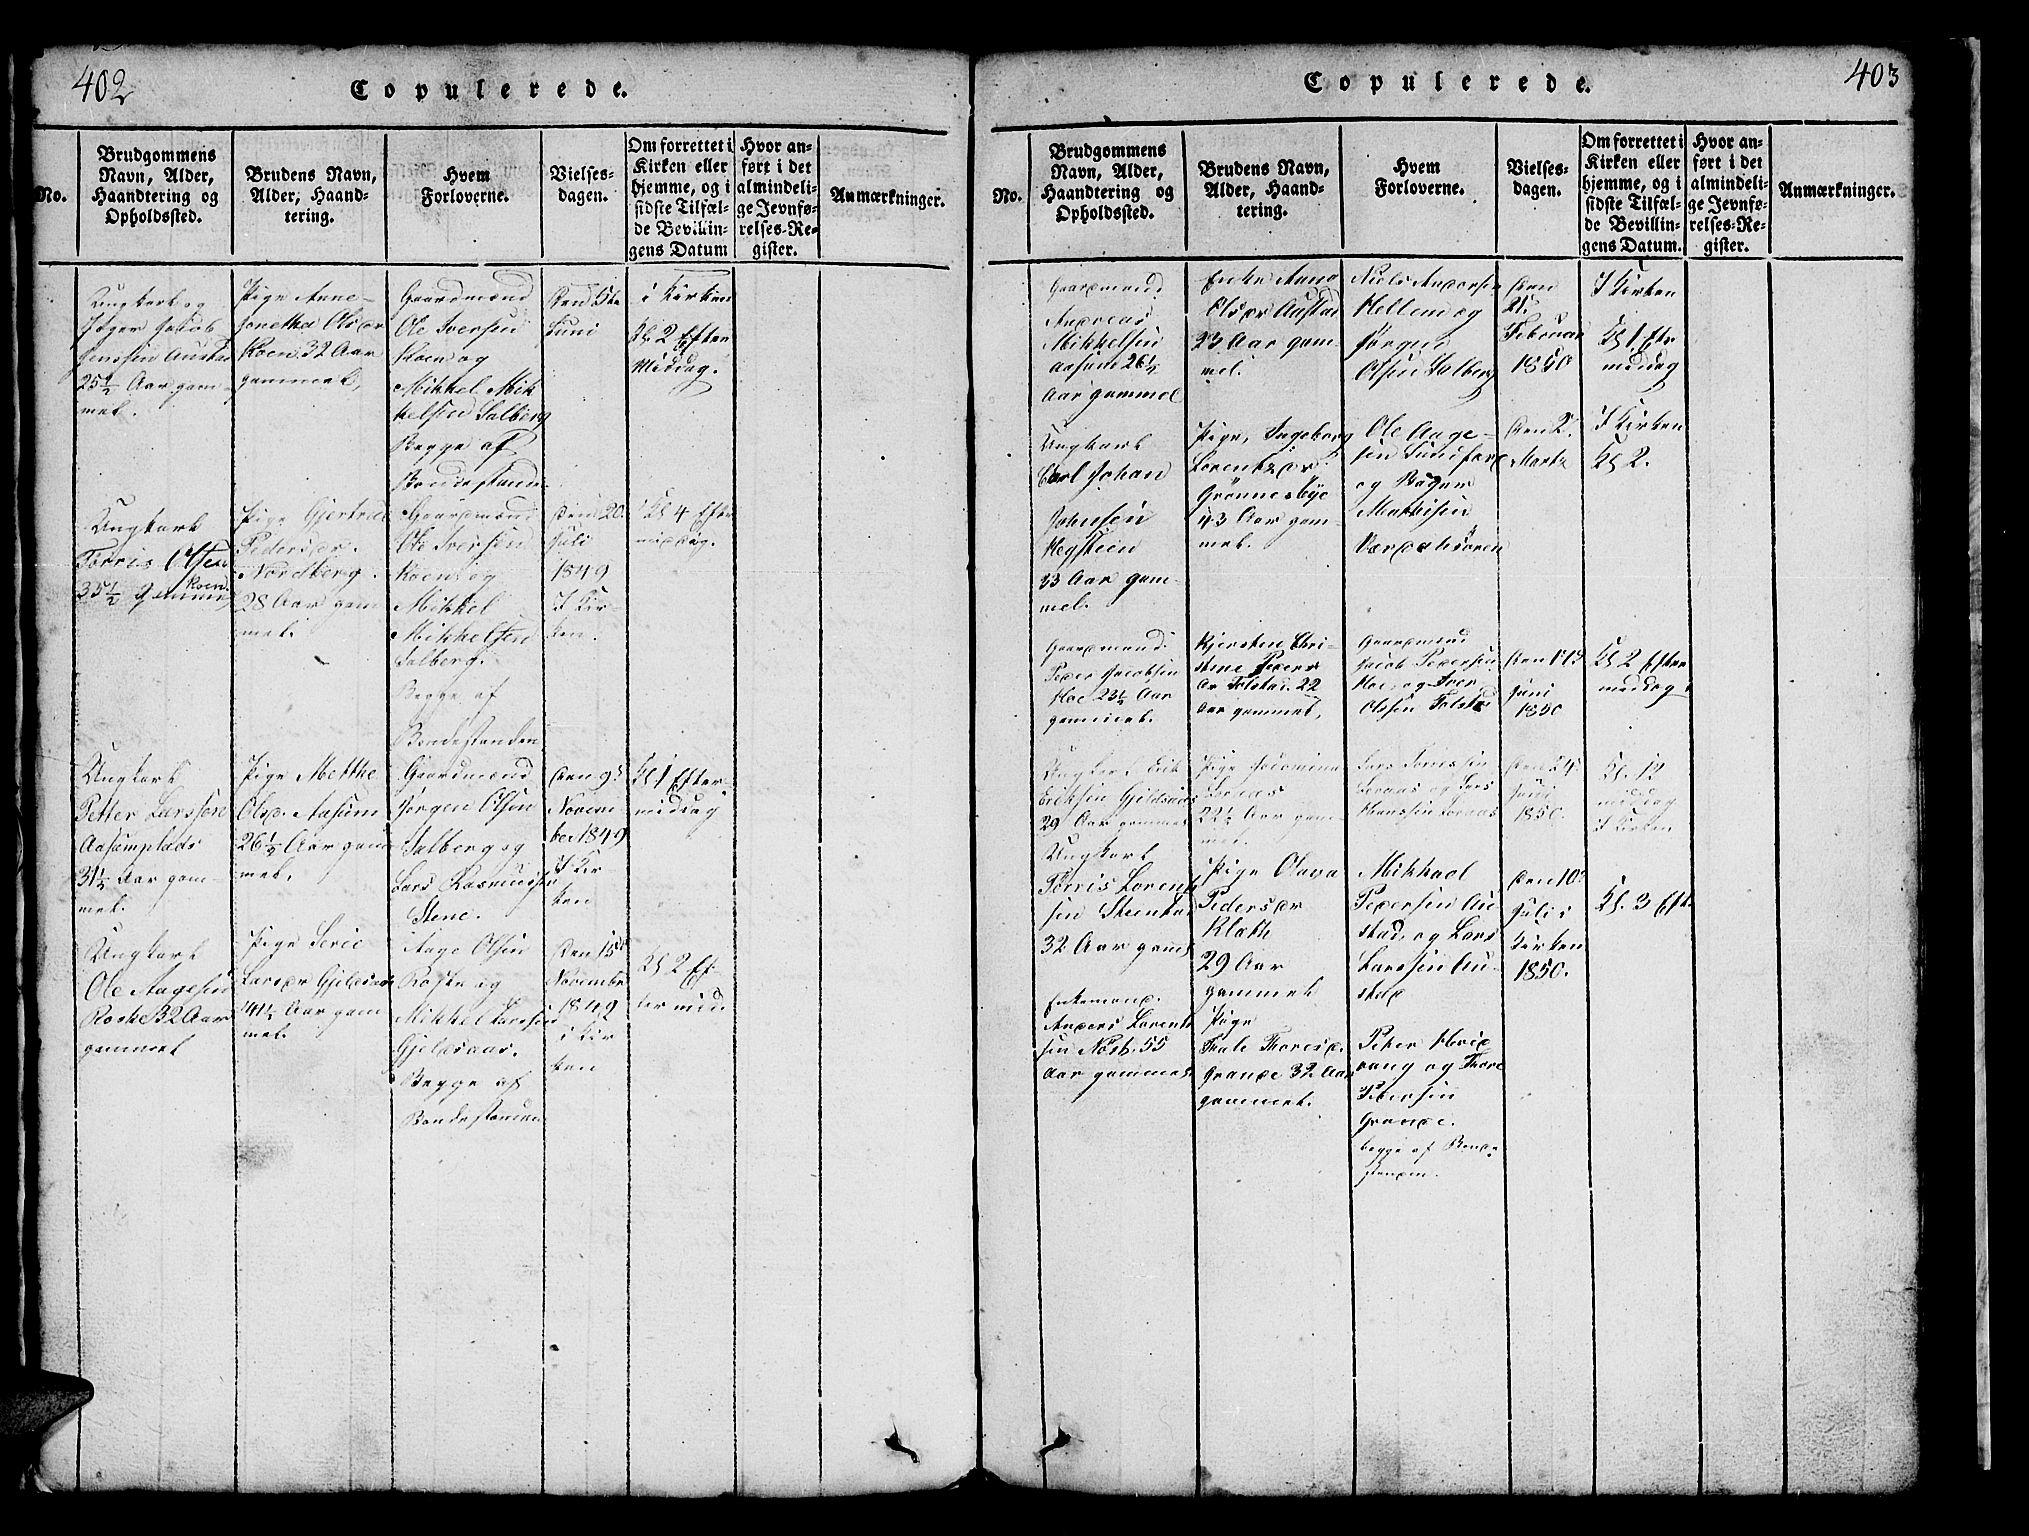 SAT, Ministerialprotokoller, klokkerbøker og fødselsregistre - Nord-Trøndelag, 731/L0310: Klokkerbok nr. 731C01, 1816-1874, s. 402-403